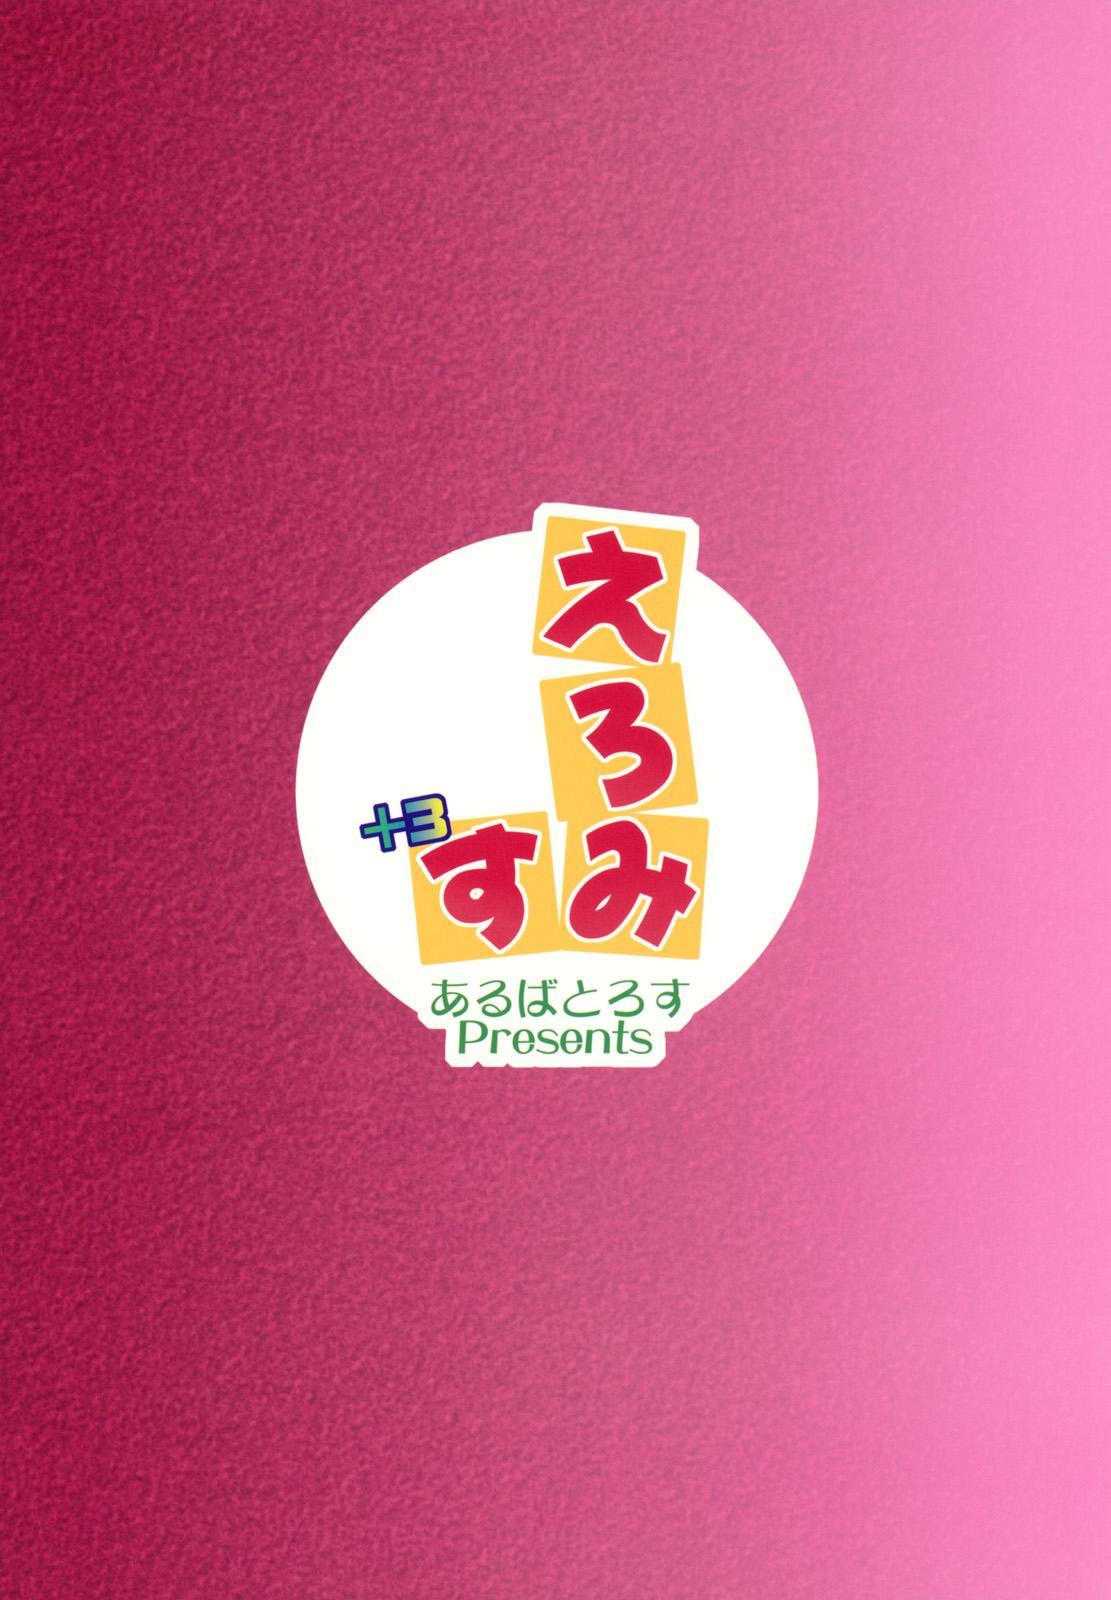 Eromisu +3 31